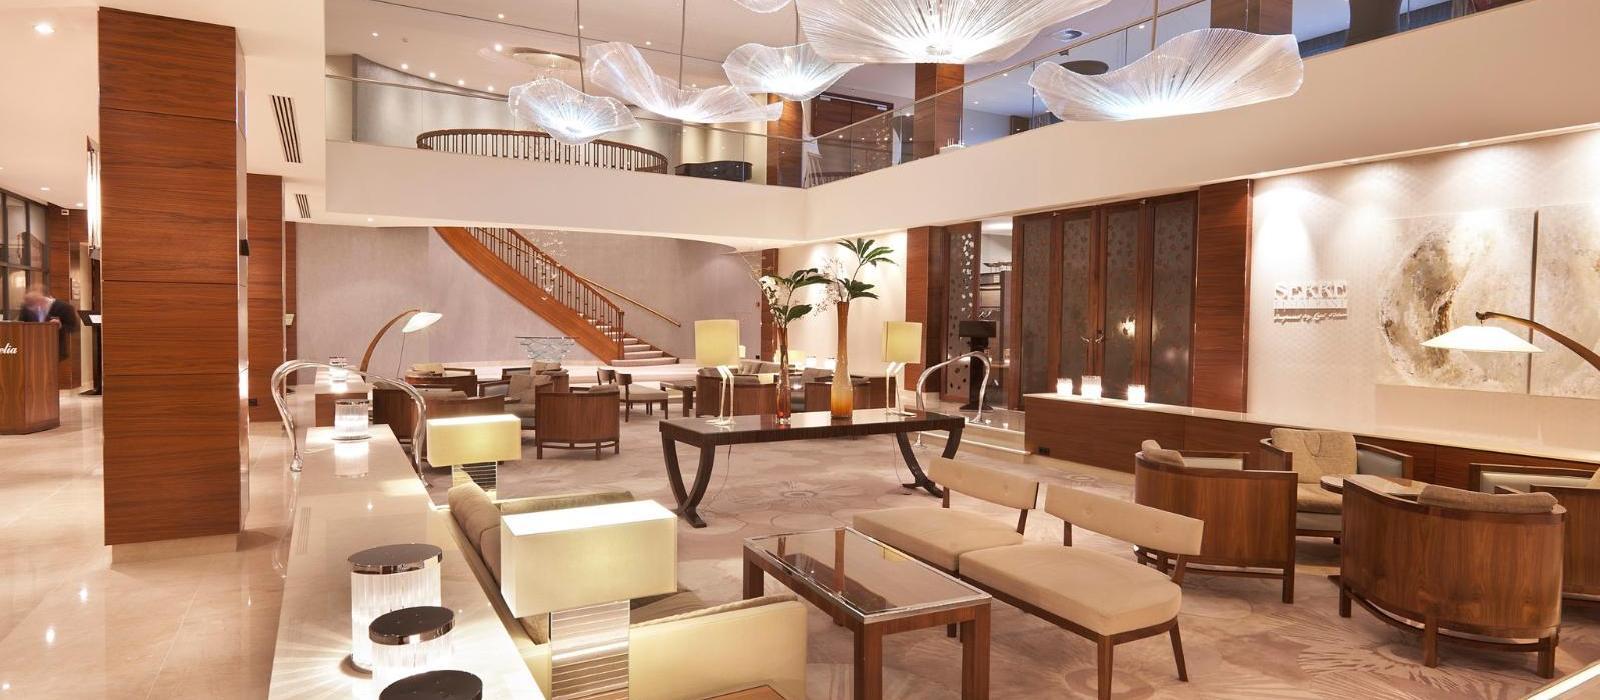 阿姆斯特丹大仓酒店(Hotel Okura Amsterdam) 大堂图片  www.lhw.cn